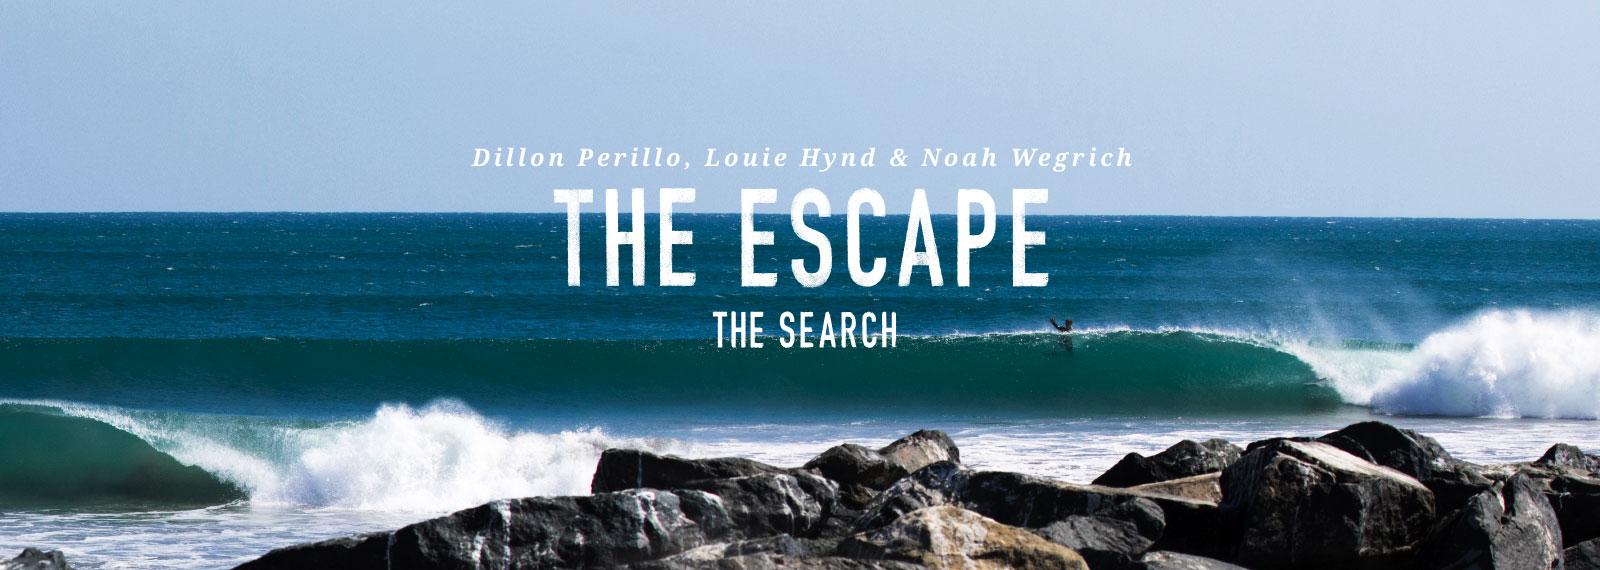 The-Escape-Desktop